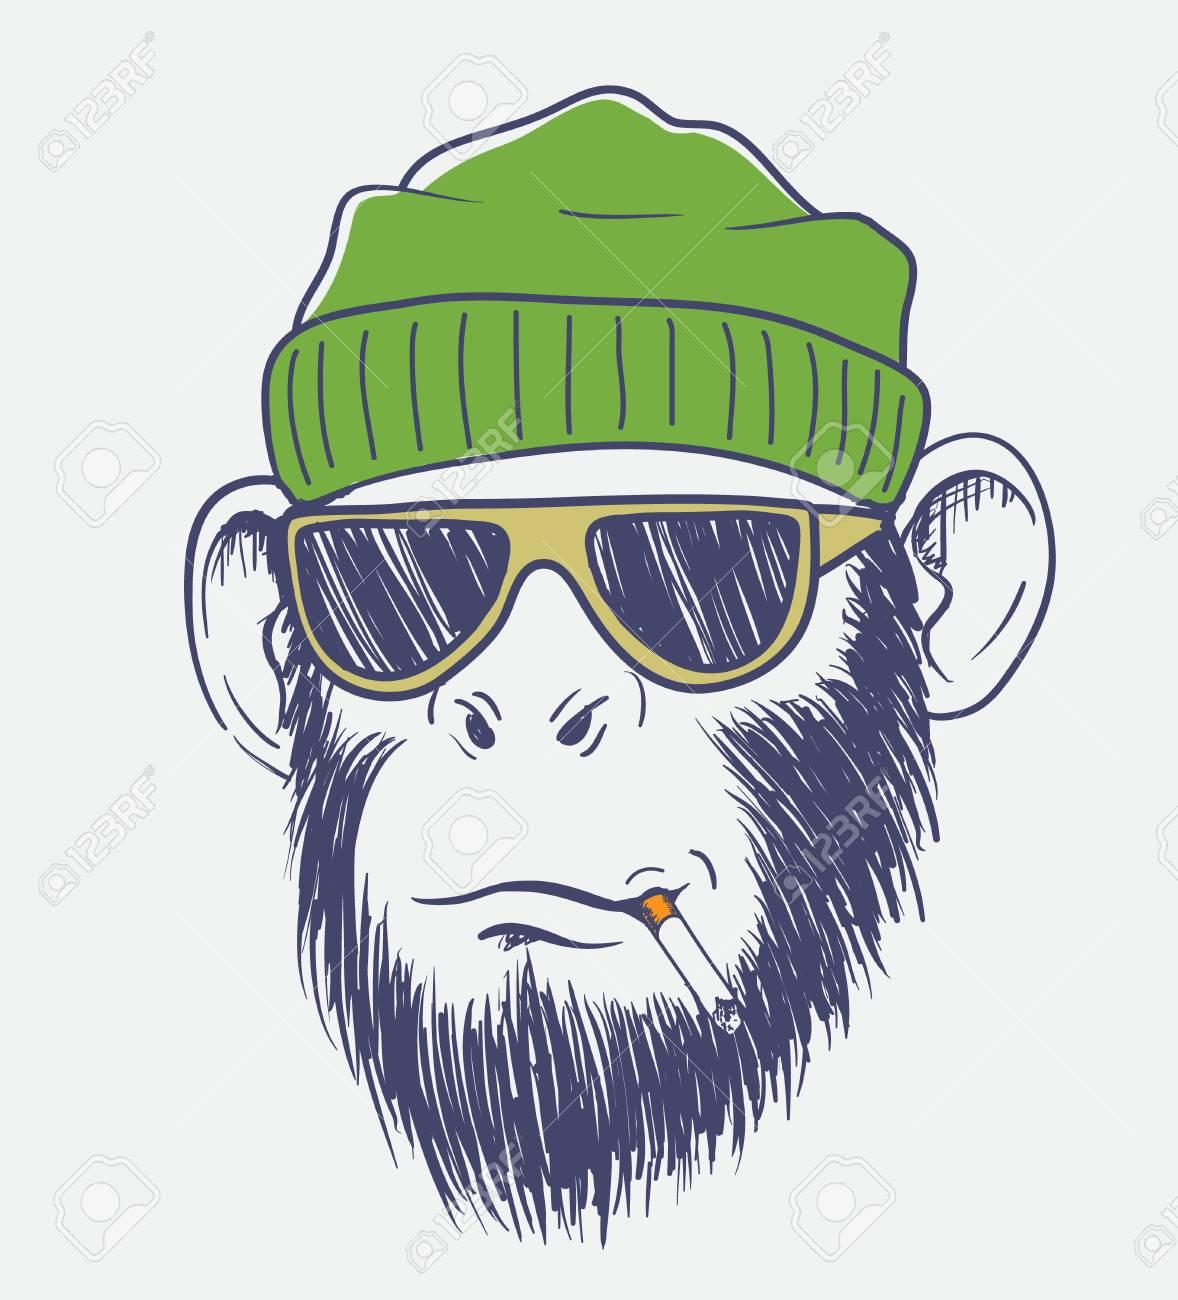 クールな猿はタバコを吸います手描きの背景イラストのイラスト素材